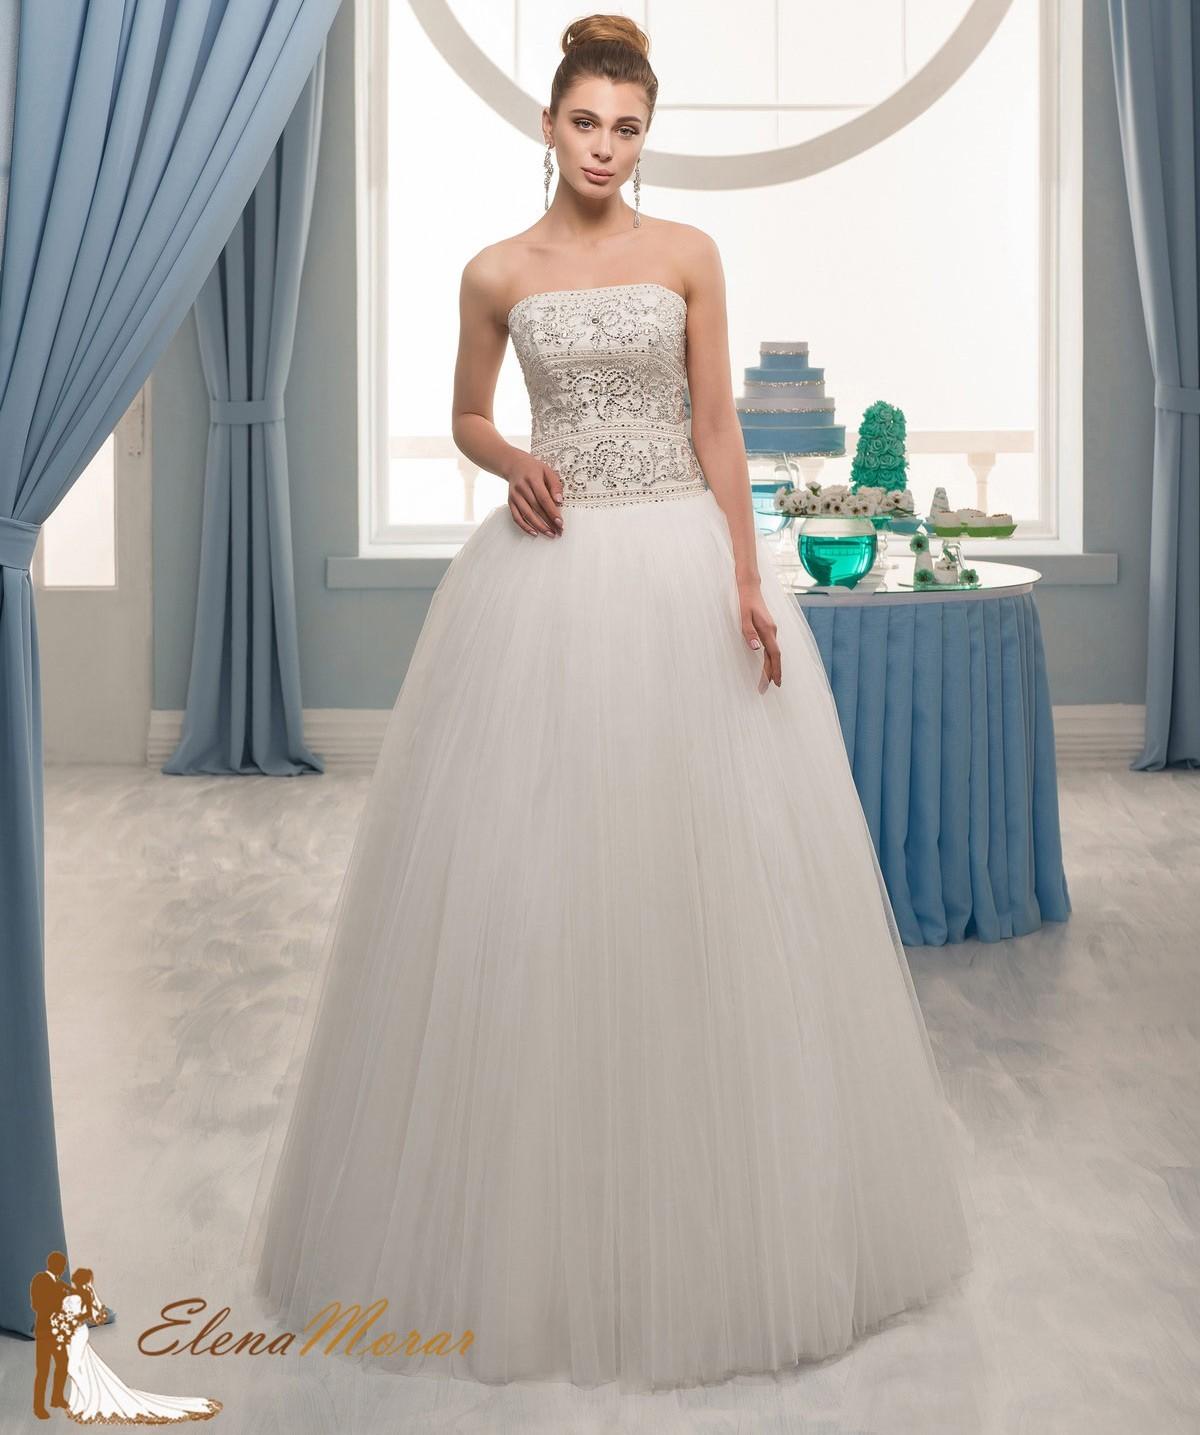 robe mariage princesse en tulle avec bustier tincelant marya. Black Bedroom Furniture Sets. Home Design Ideas